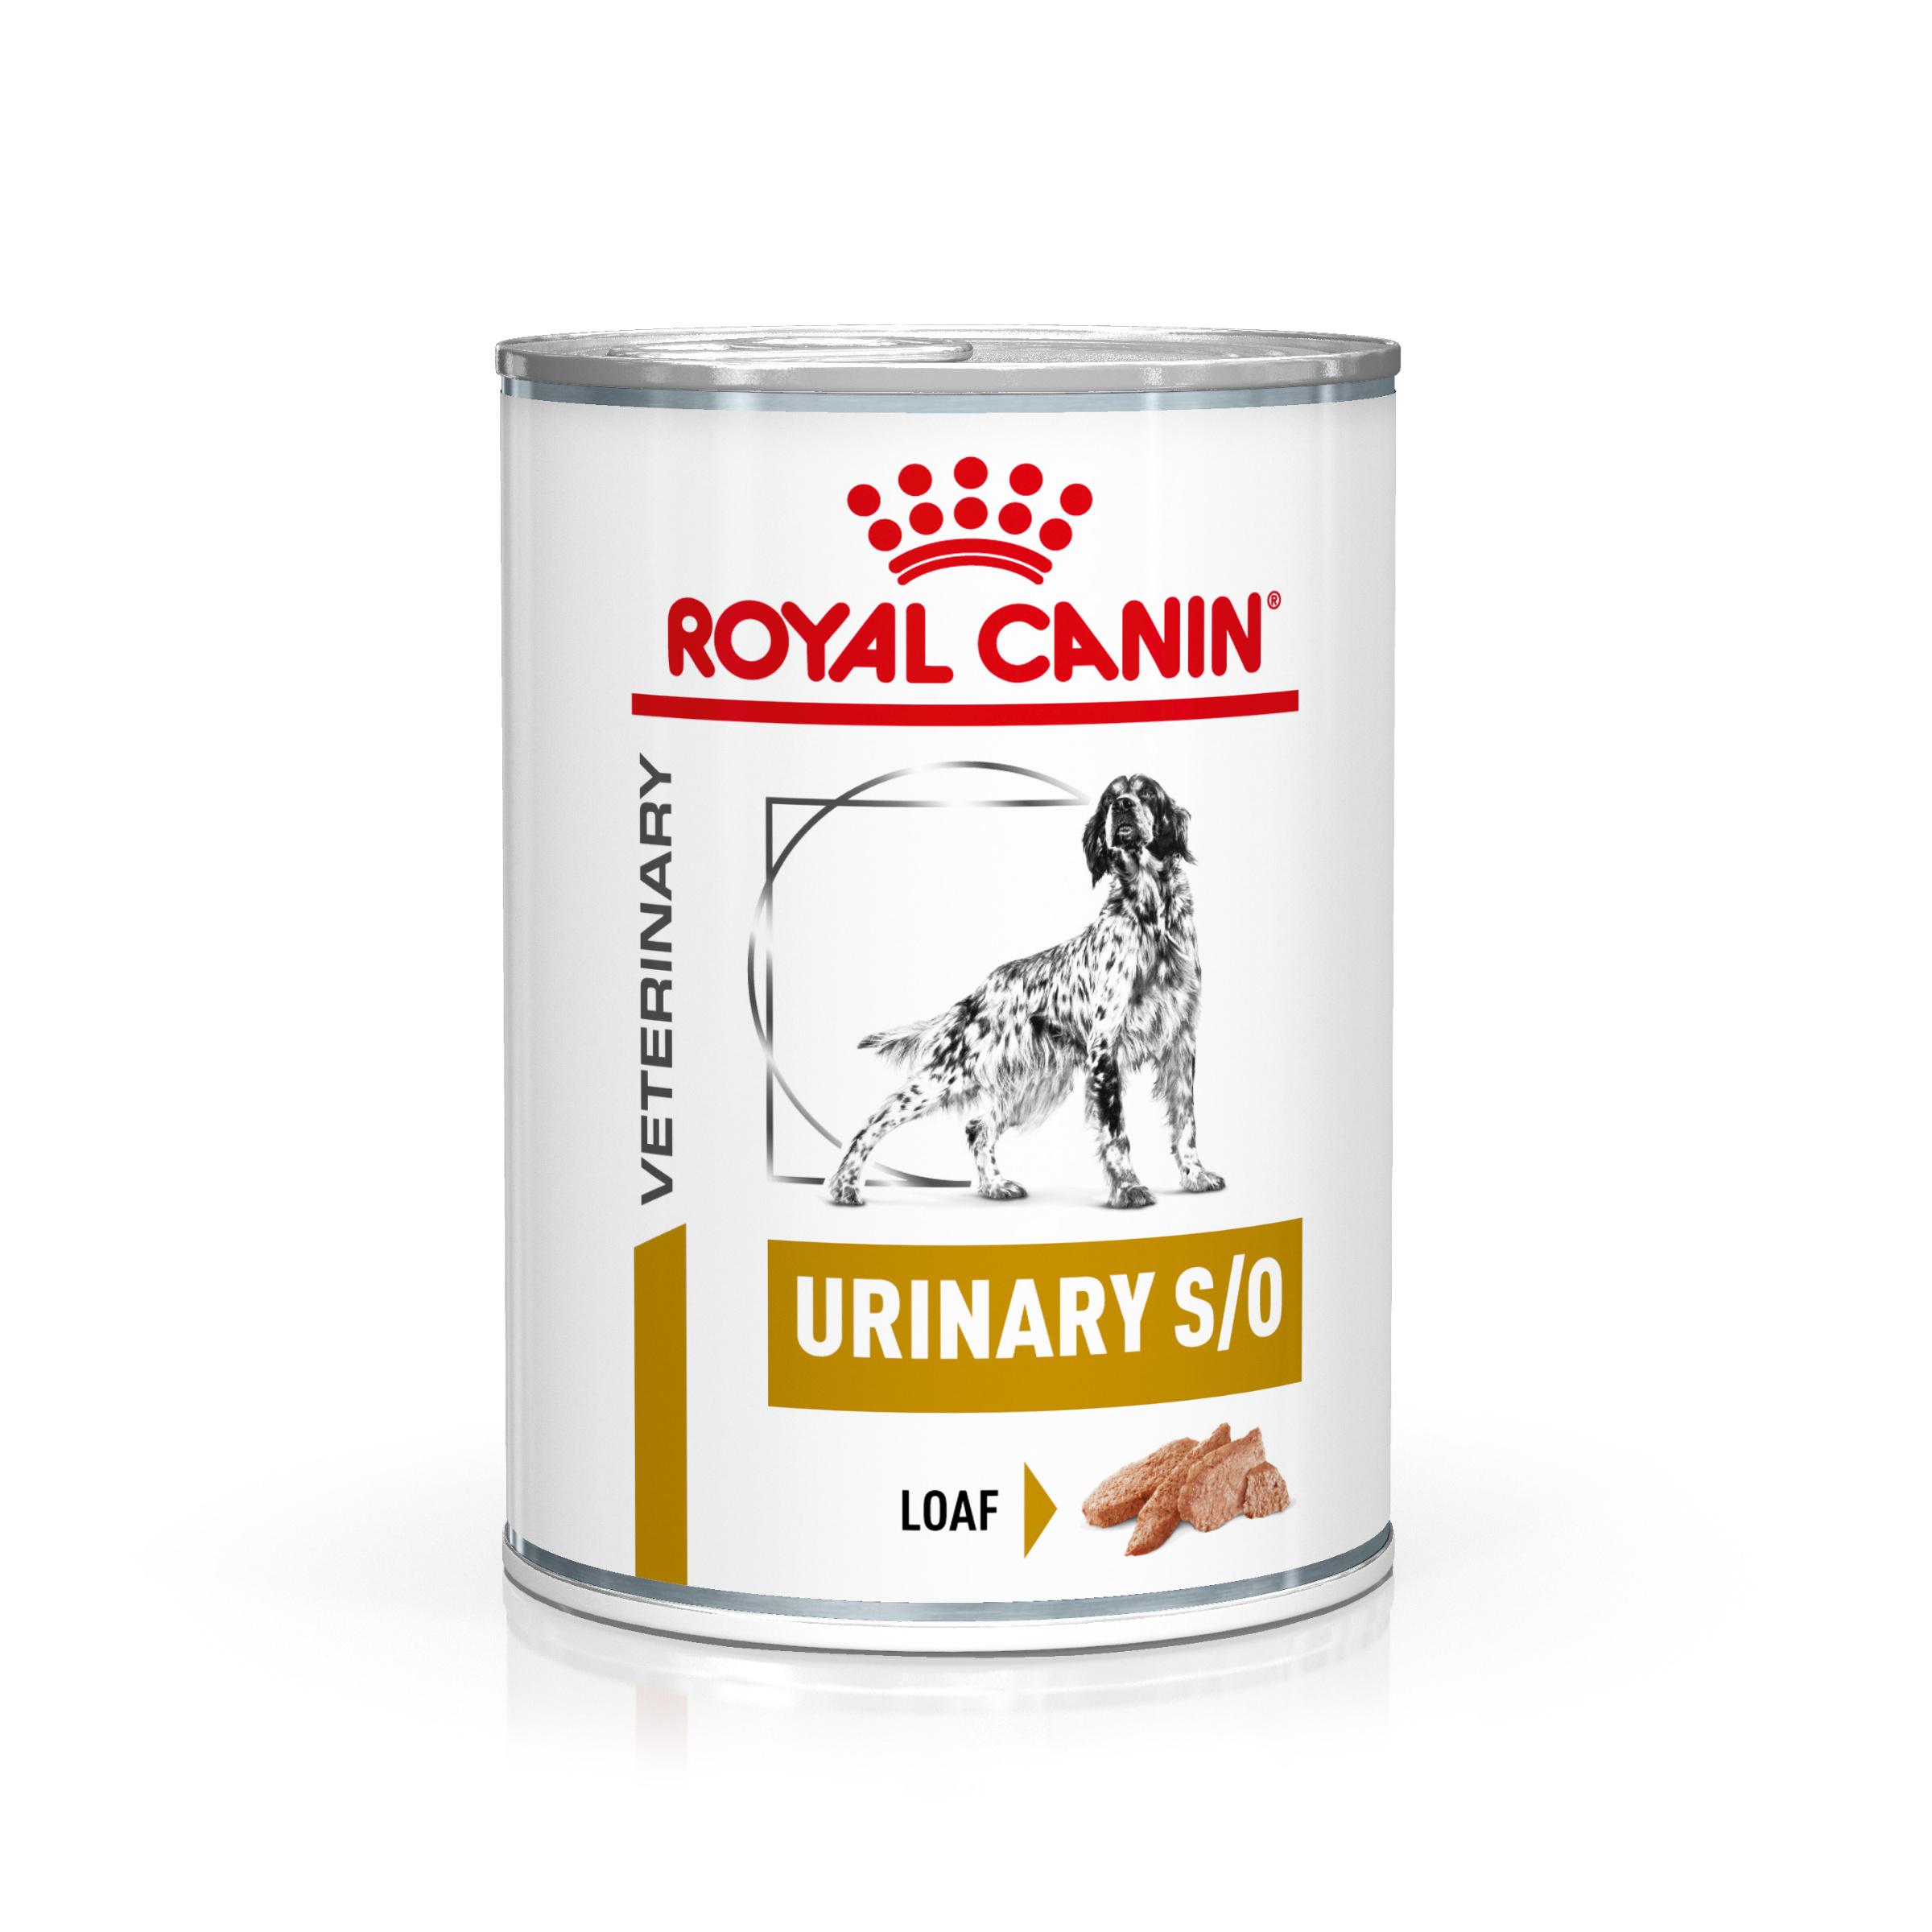 Royal Canin Veterinary Health Nutrition Dog URINARY S/O konzerva 410g